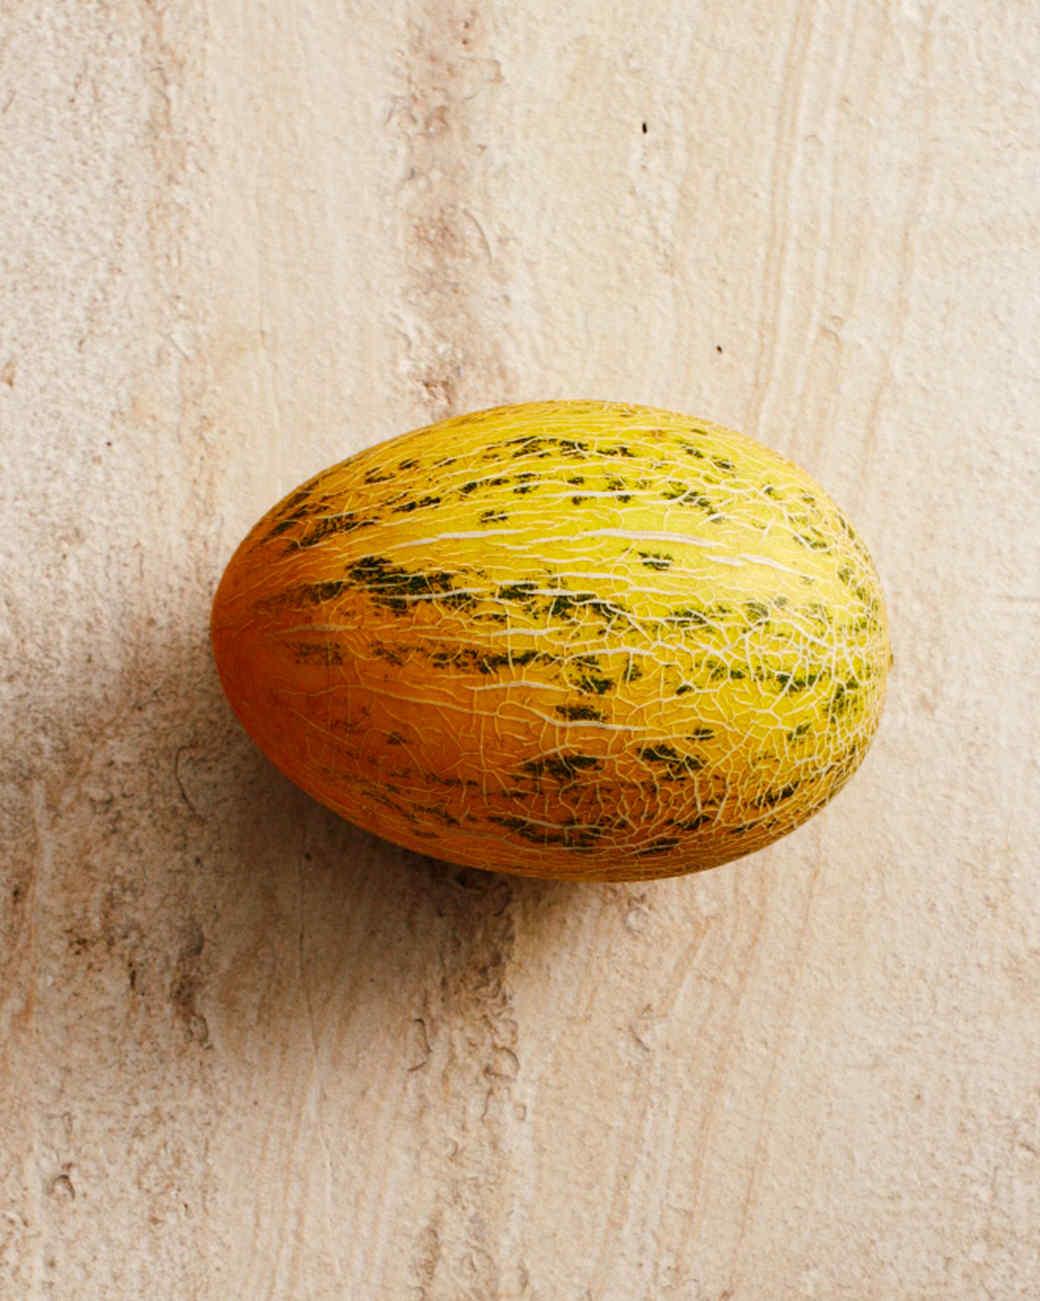 melon-ipad-hami-0184-ld110630-0614.jpg